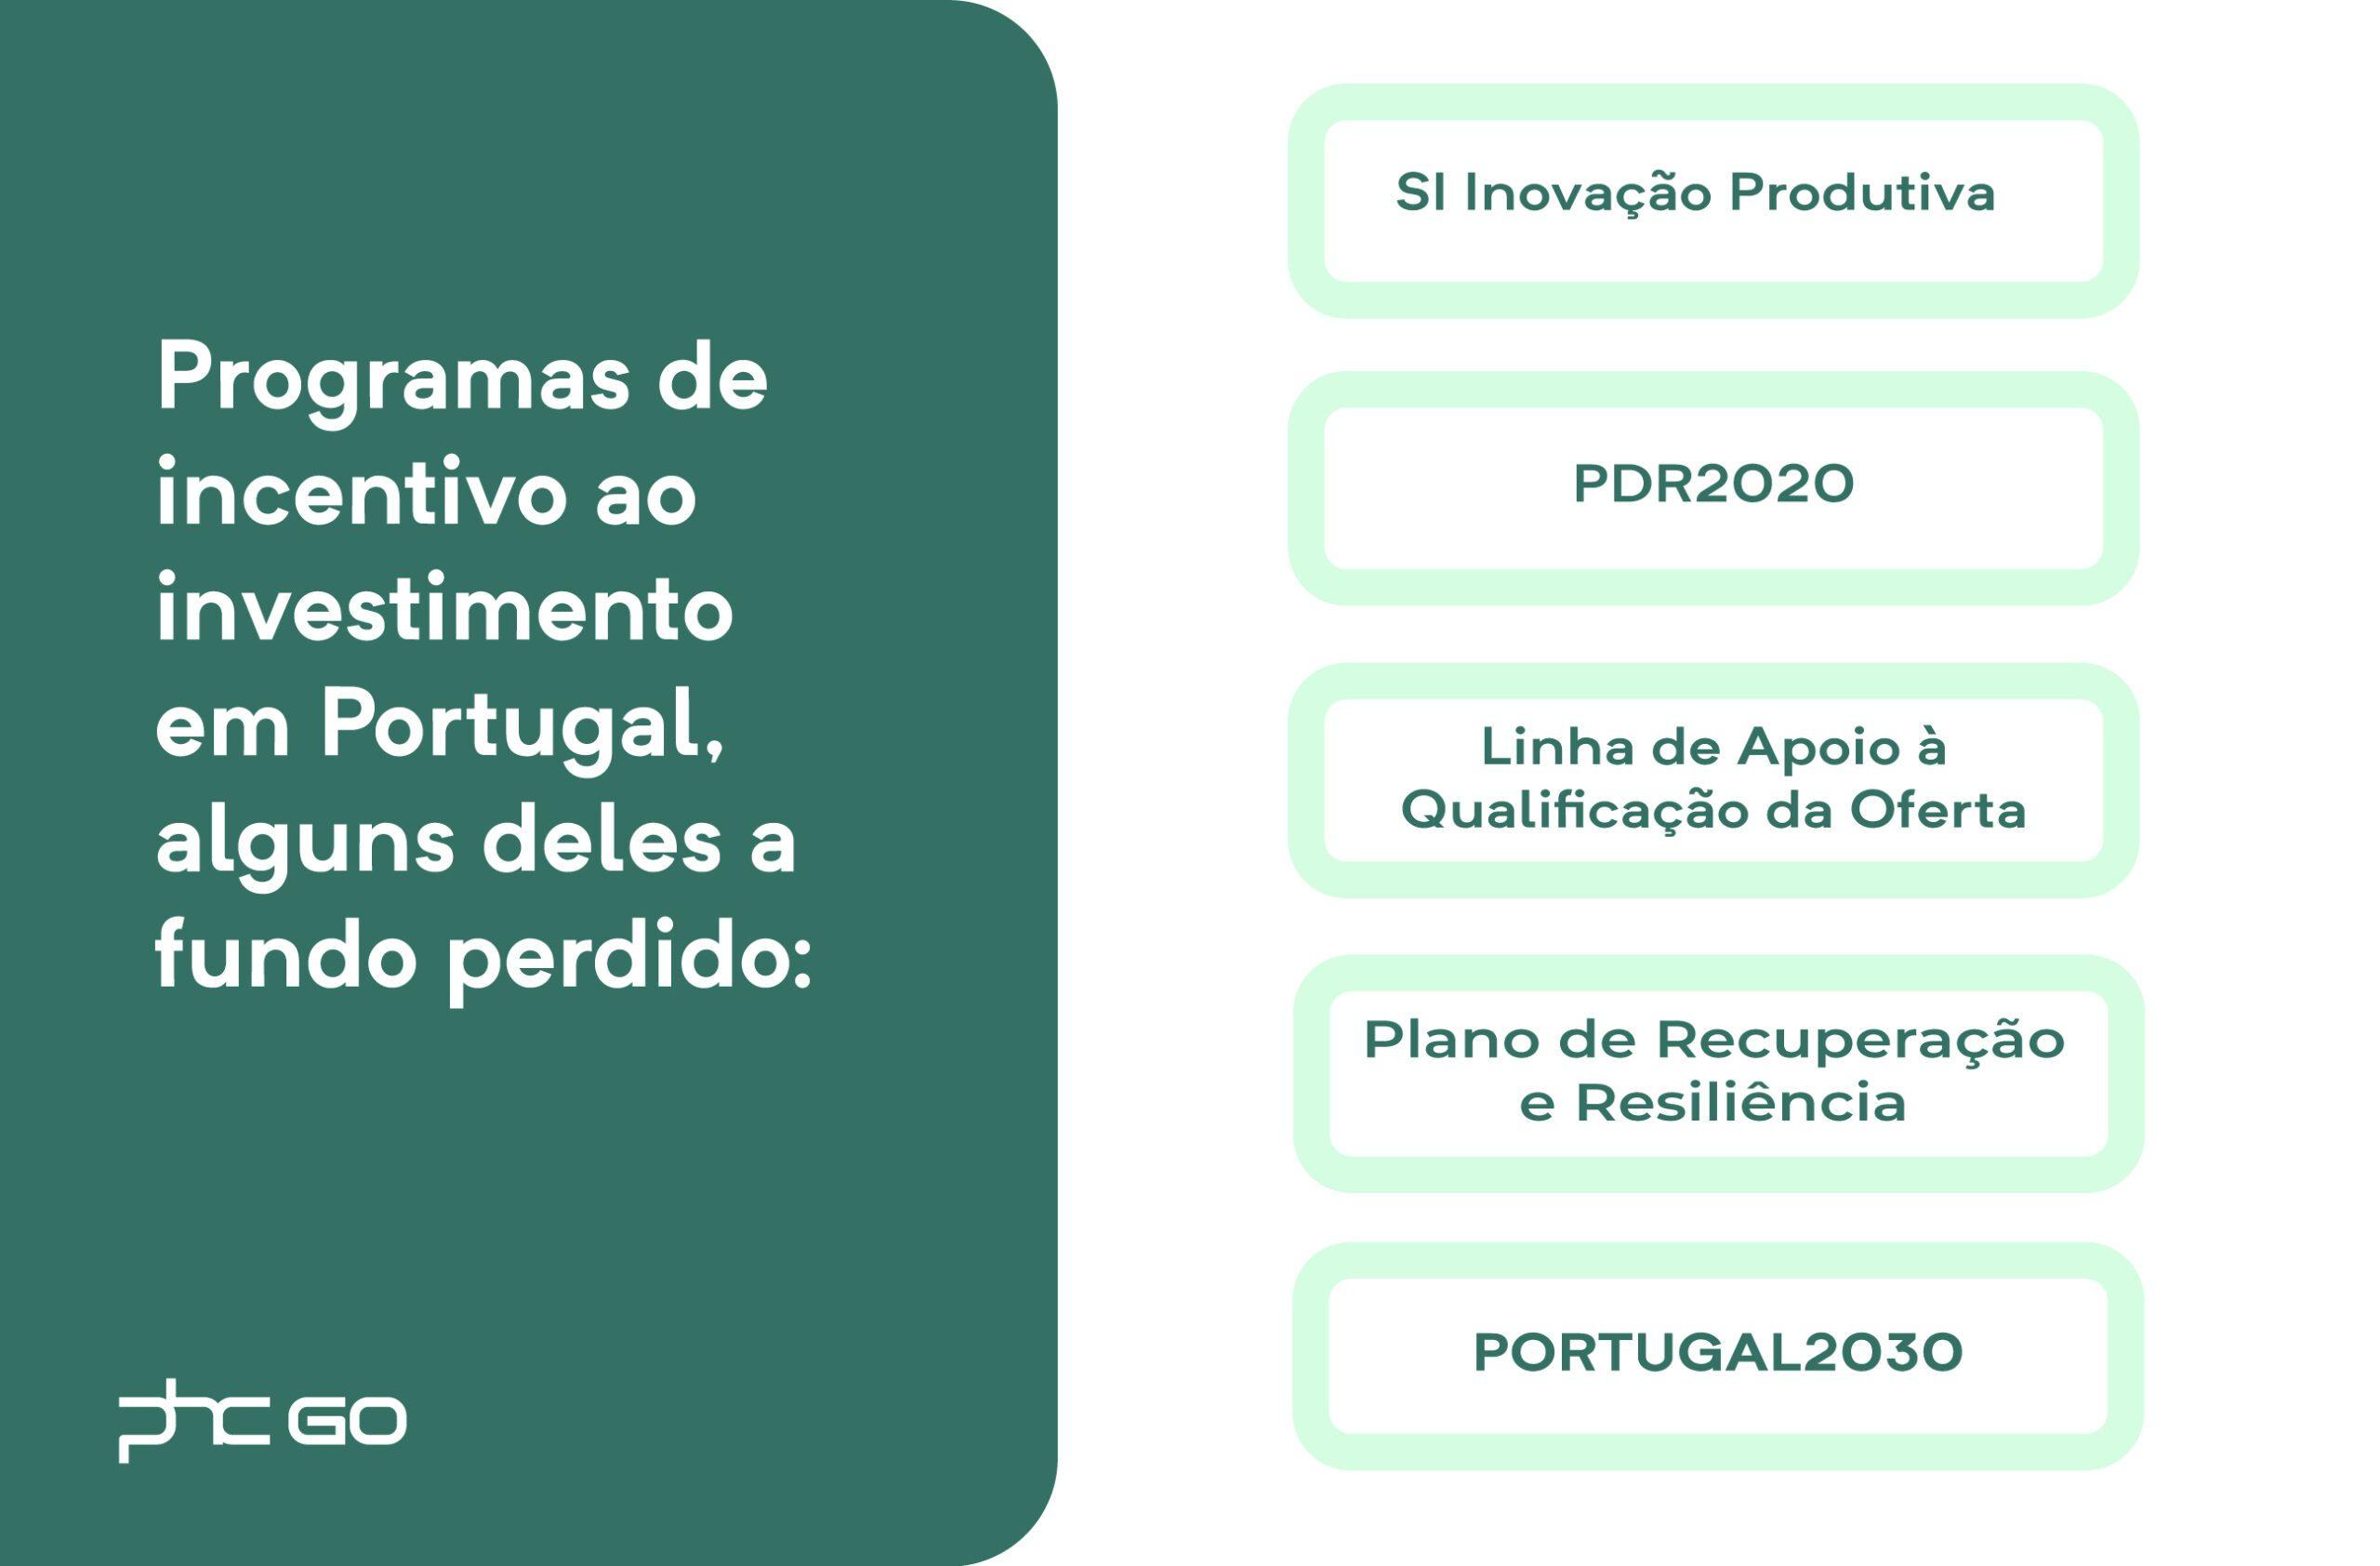 Infografia sobre os programas de incentivo ao investimento disponíveis em portugal